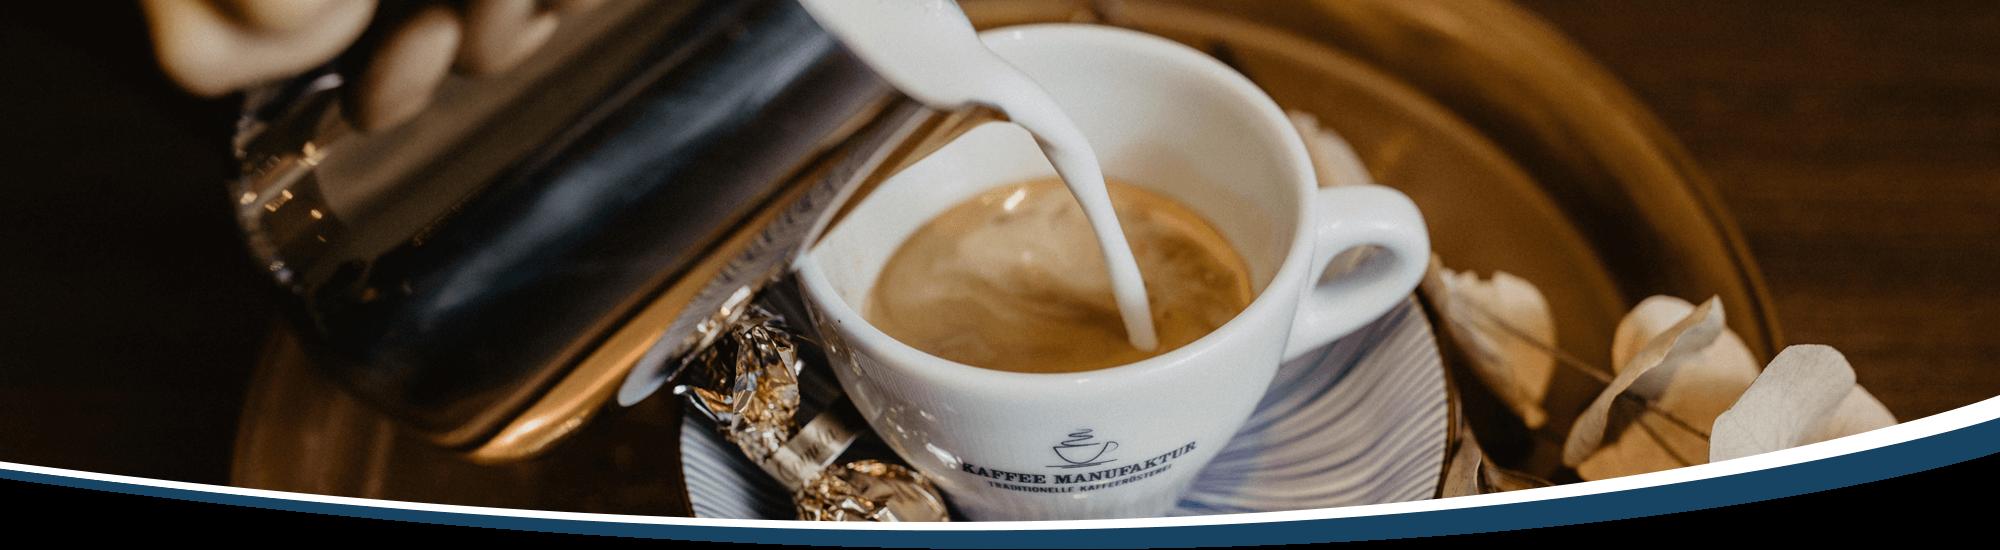 Cappuccinozubereitung: Eine Barista gibt den Milchschaum zum Espresso in die Cappuccinotasse und malt eine Blume in den Milchschaum.